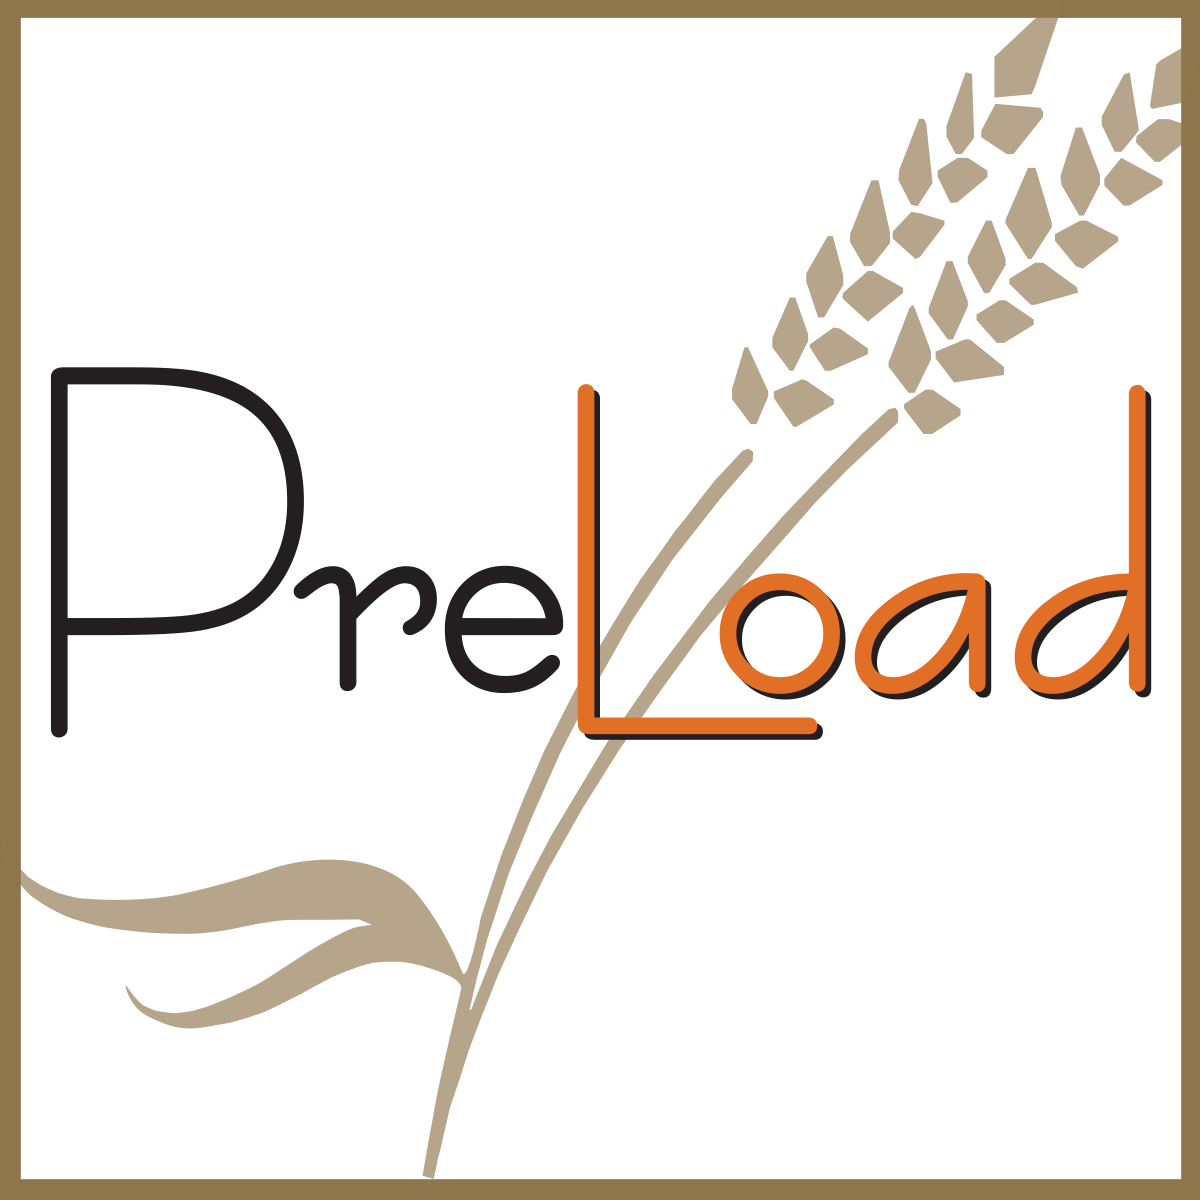 PreLoad carousel .png